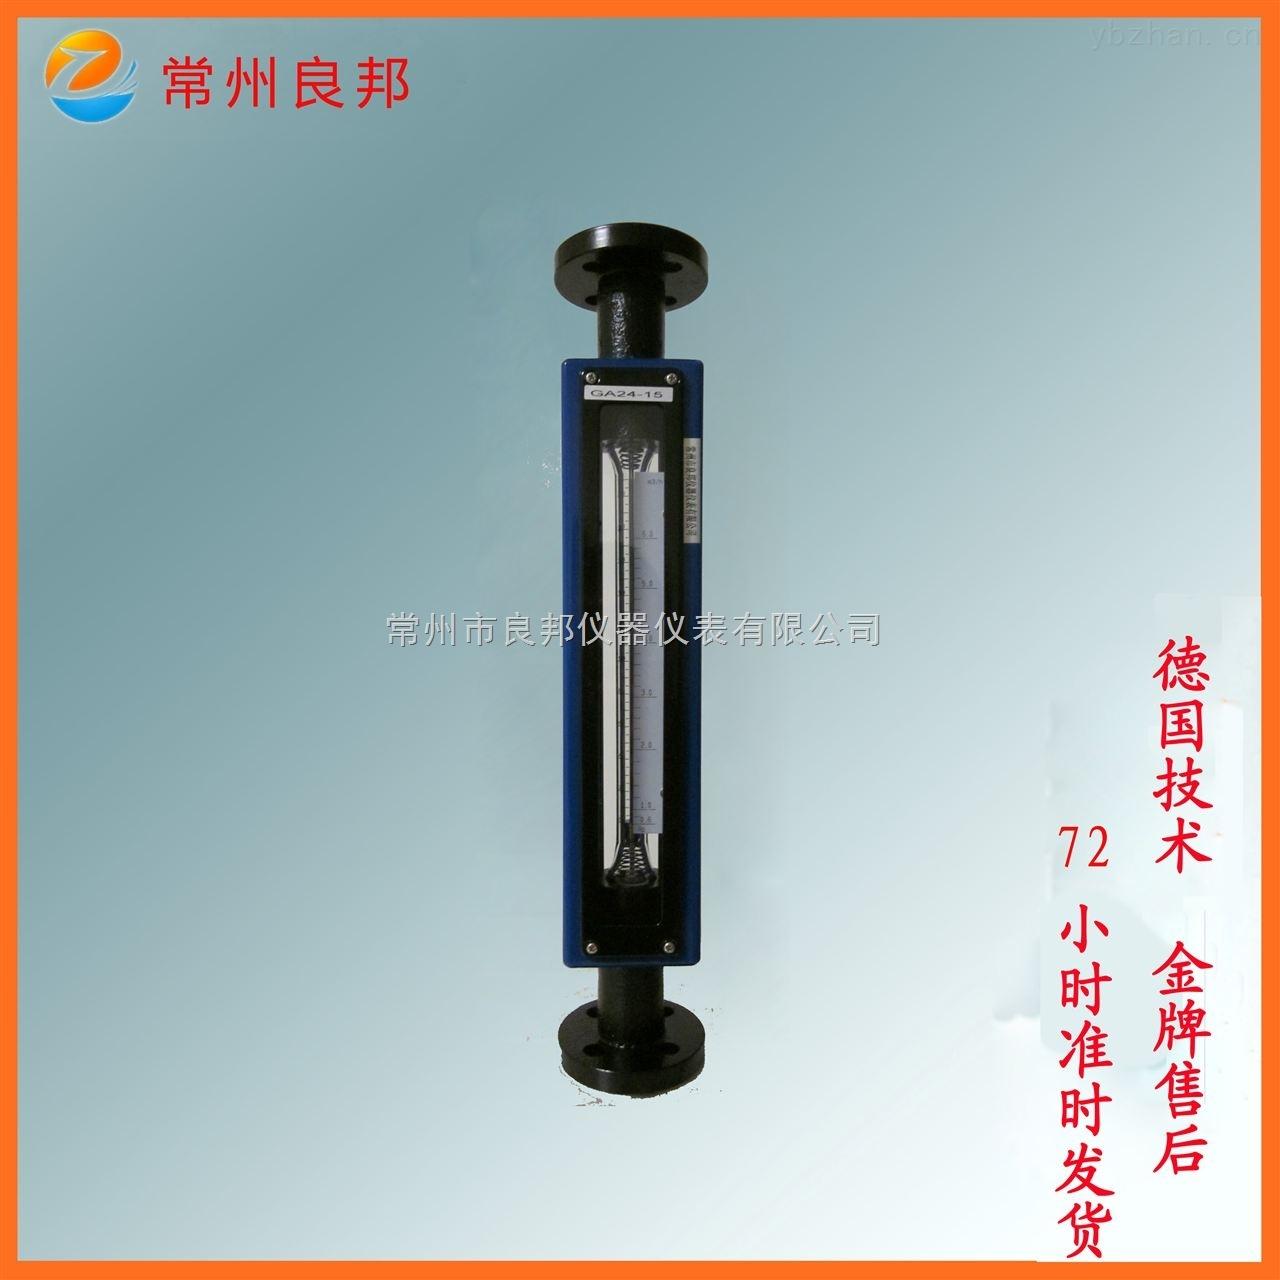 GA24-25玻璃转子流量计价格 国产优质厂家 刻度管不易破 化工液体使用